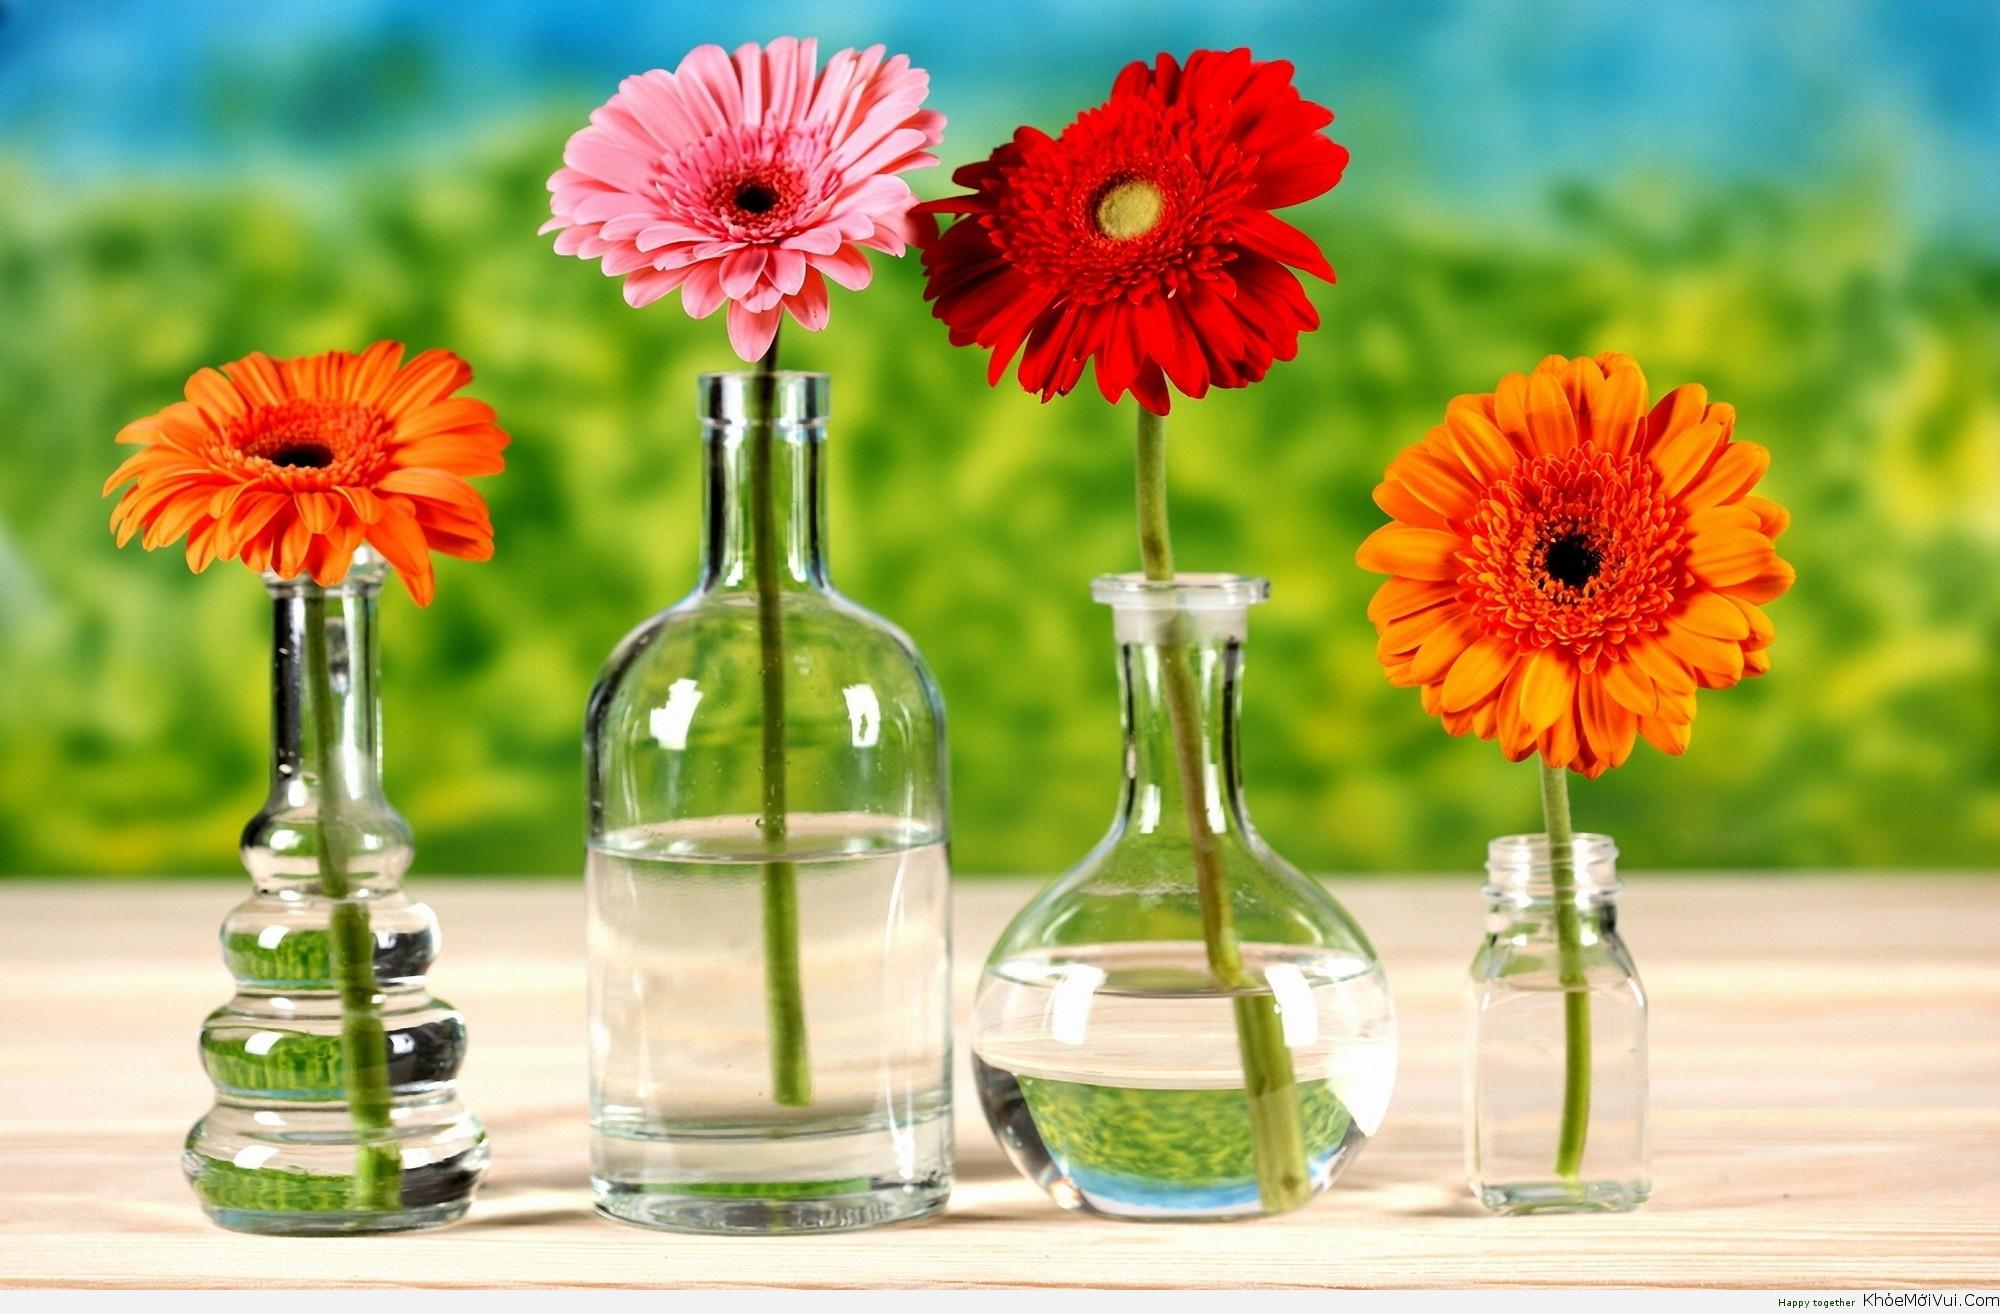 Bình hoa thuỷ tinh dạng bầu cắm hoa h1